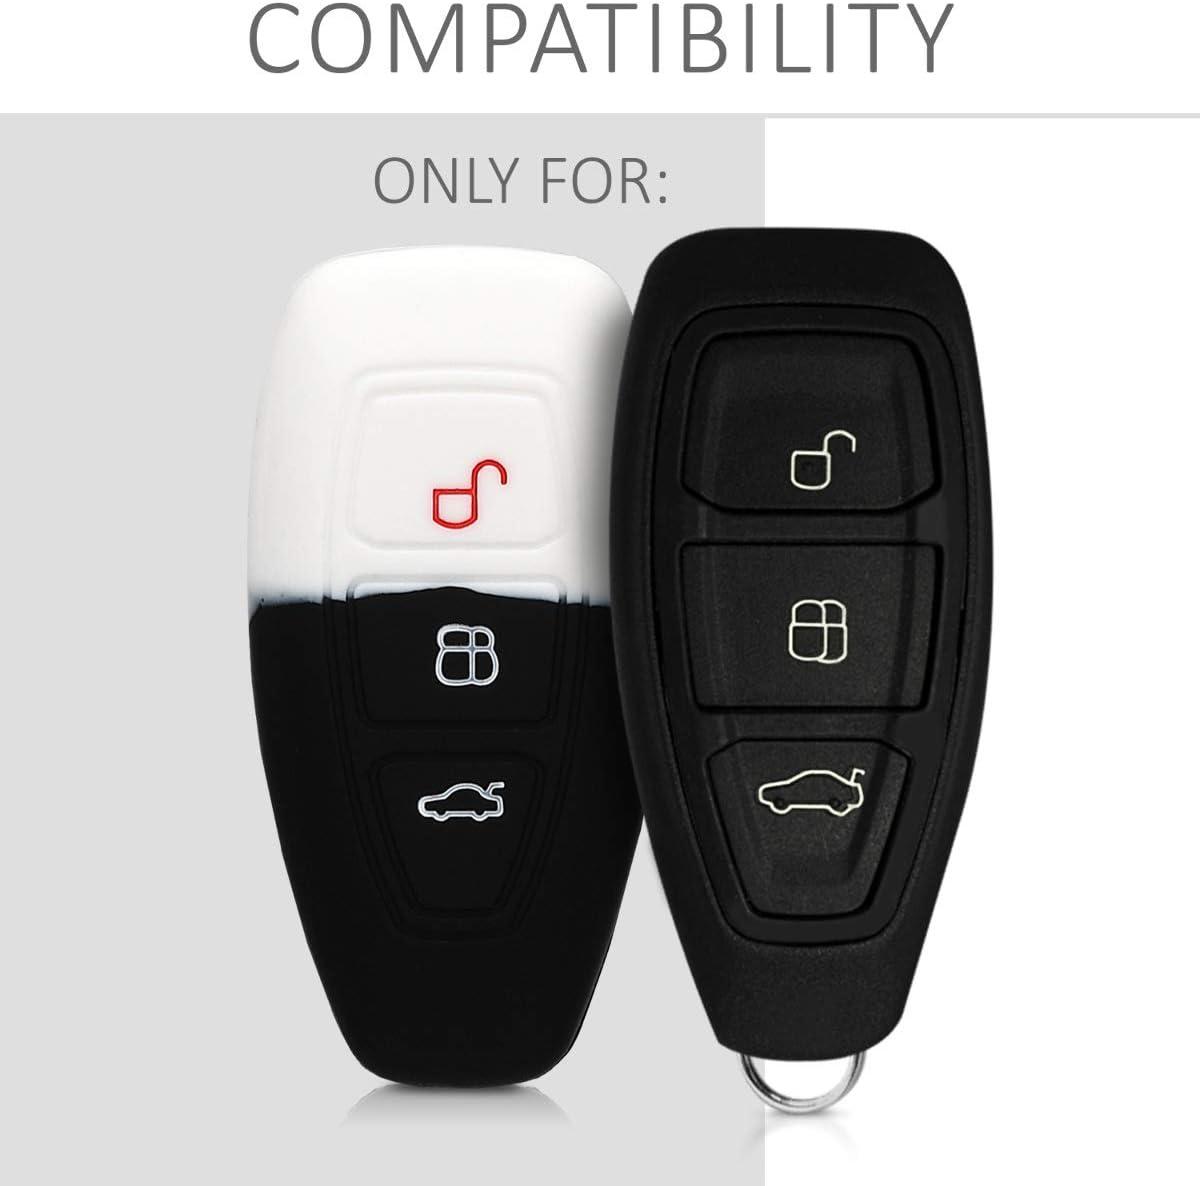 Coque pour Clef de Voiture Keyless Go Ford 3-Bouton en Silicone Noir-Vert /Étui de Protection Souple kwmobile Accessoire cl/é de Voiture pour Ford